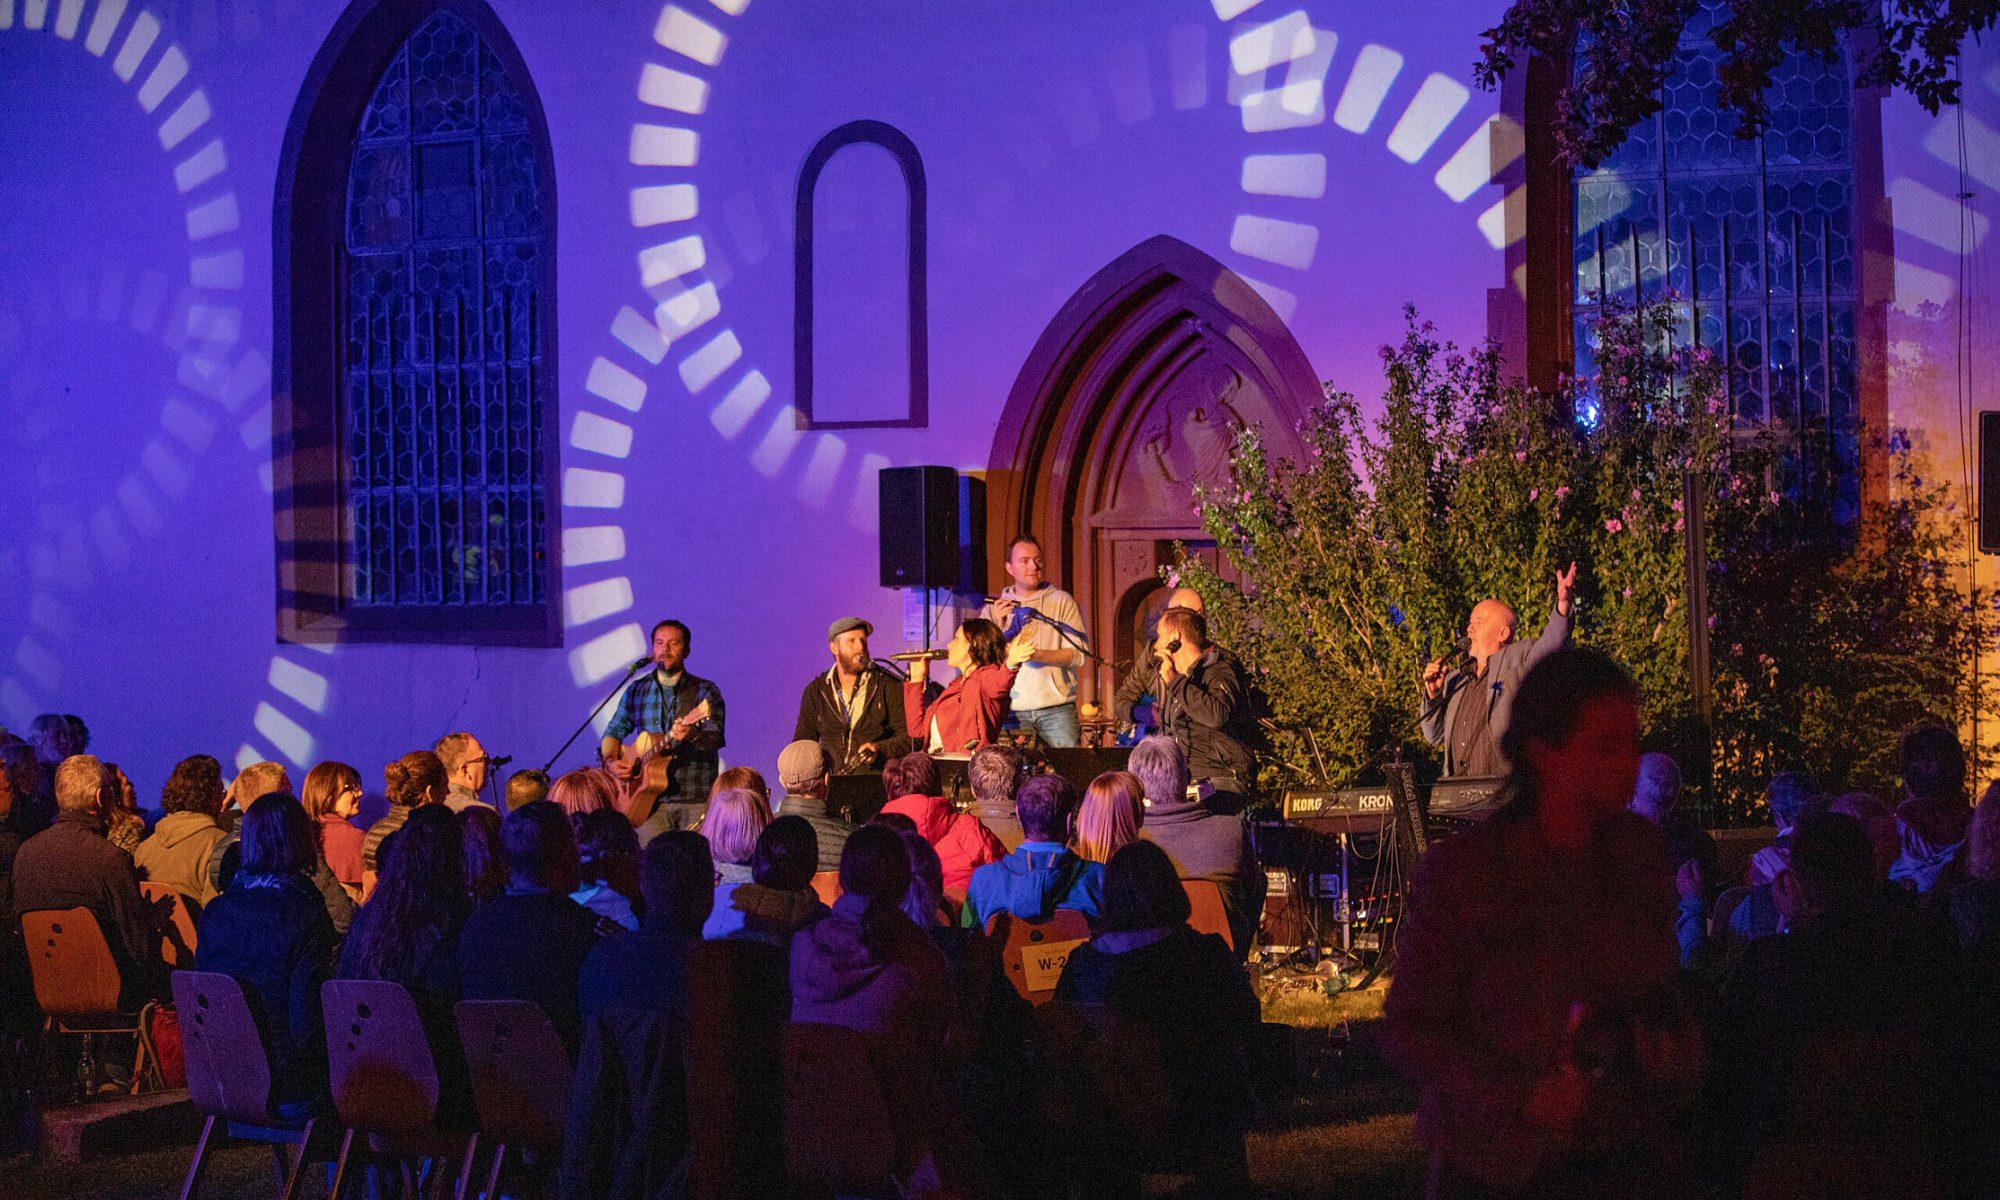 Bürgstadter Musik- & Kulturtage 2021